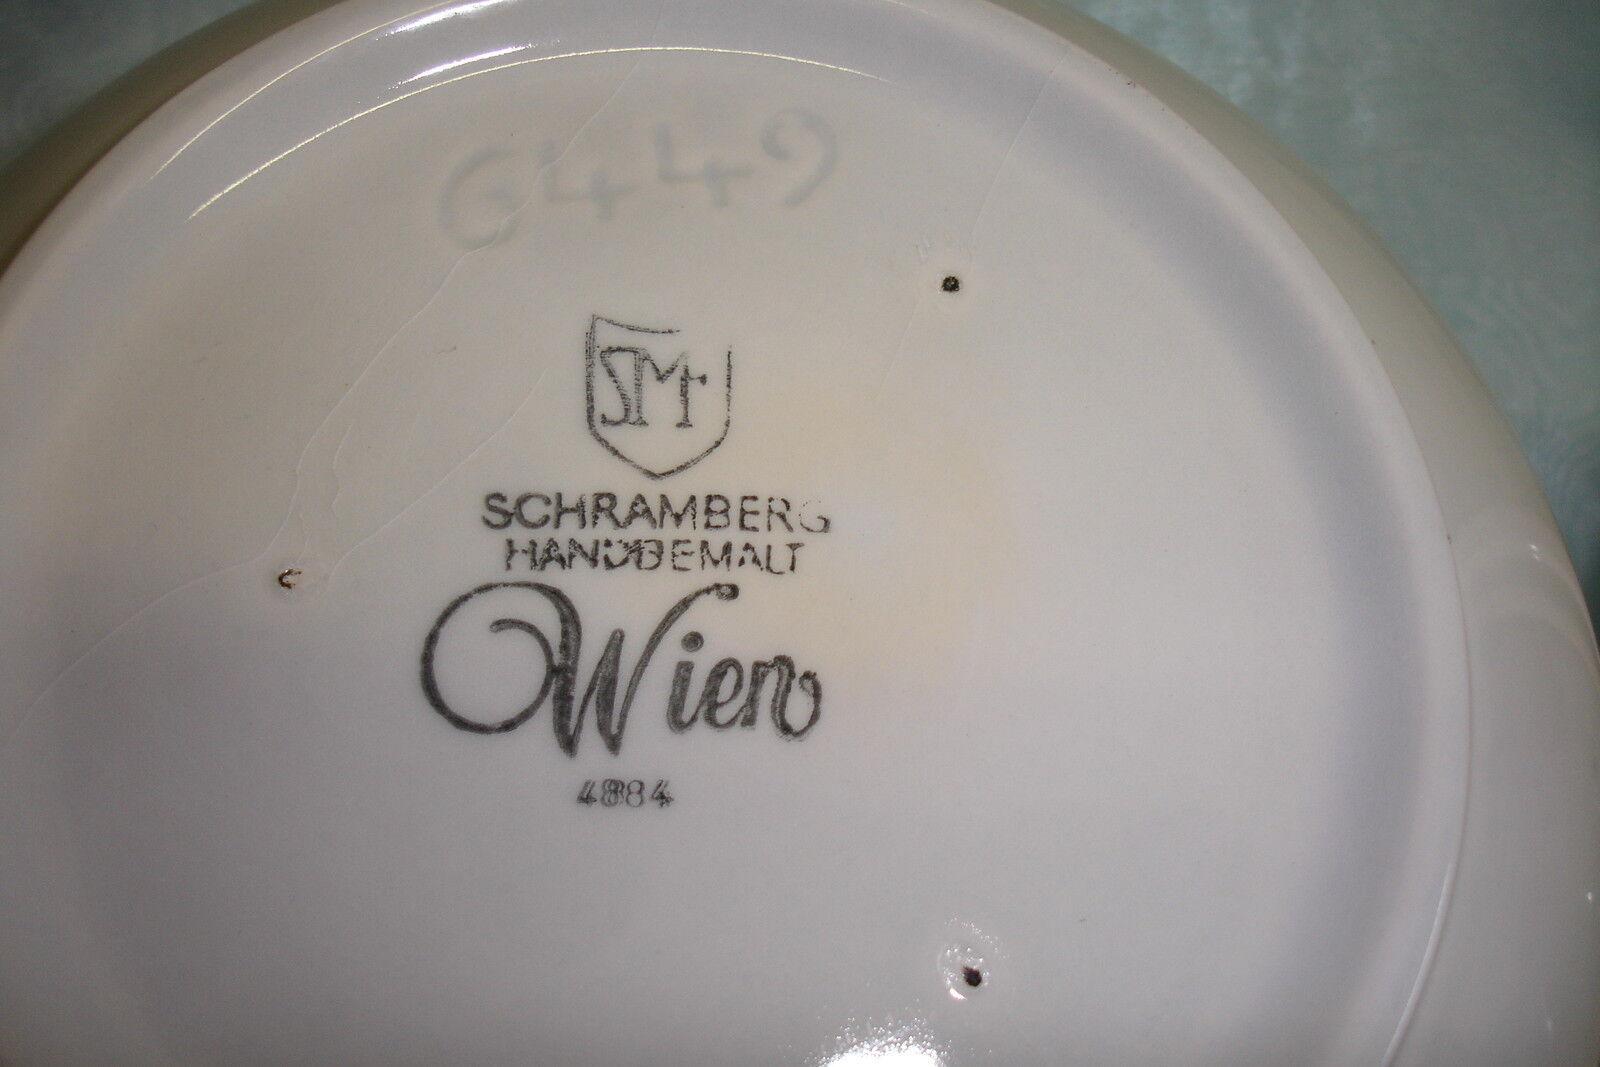 Schramberg  WIEN  handbemalt - Teile zur Auswahl Auswahl Auswahl  | Erste Gruppe von Kunden  fbe6ba